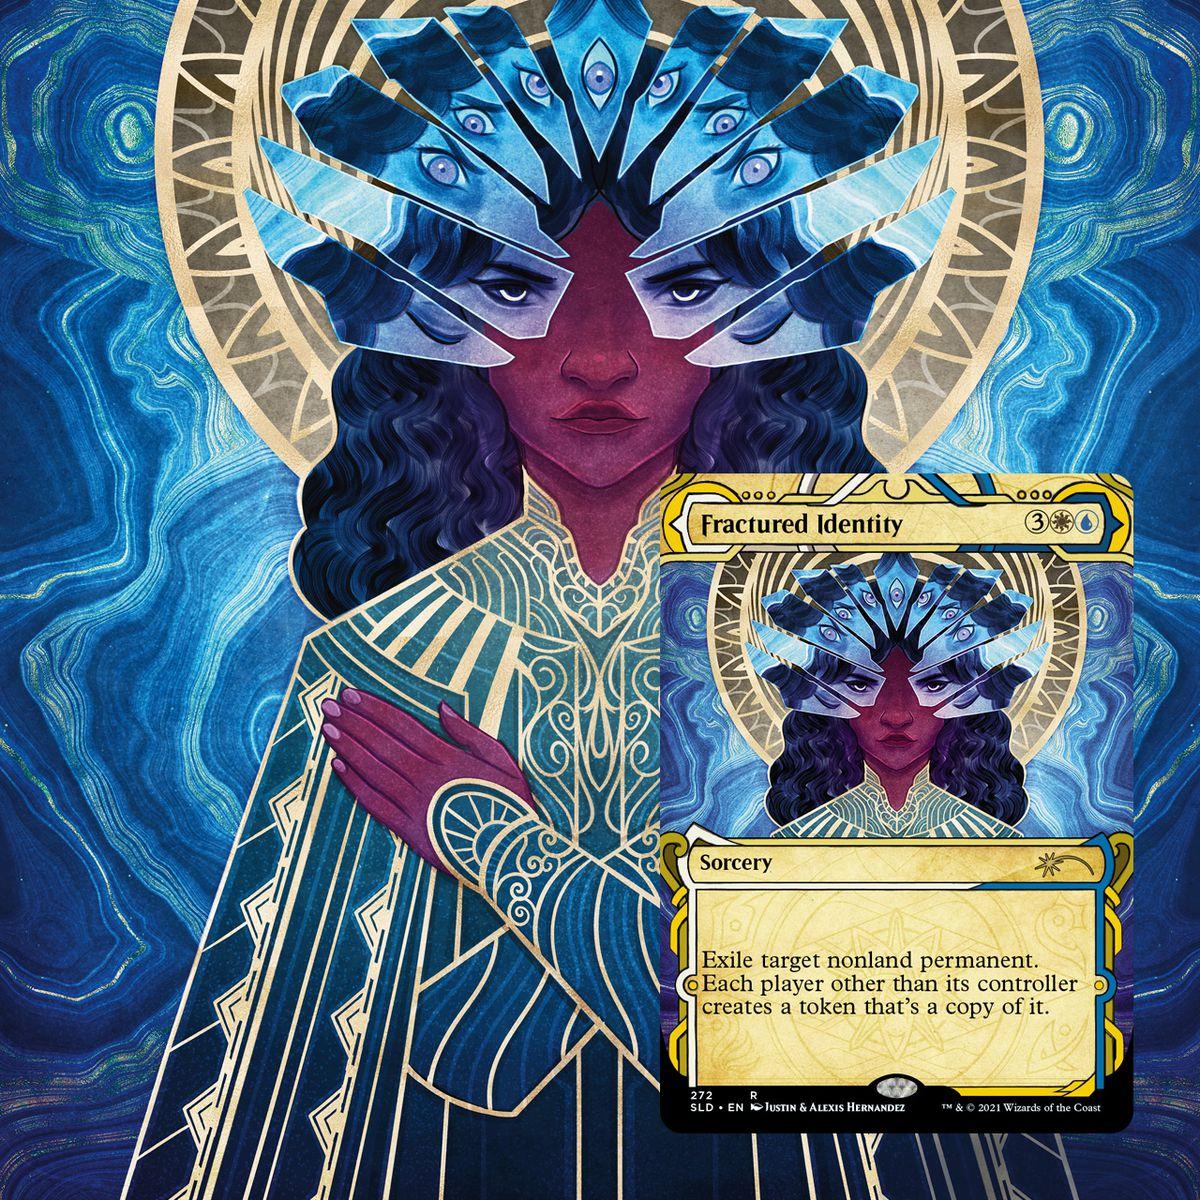 Identificación rota, aparece una mujer con múltiples fragmentos de vidrio idénticos.  En cada uno aparece una expresión diferente de sus ojos y cejas.